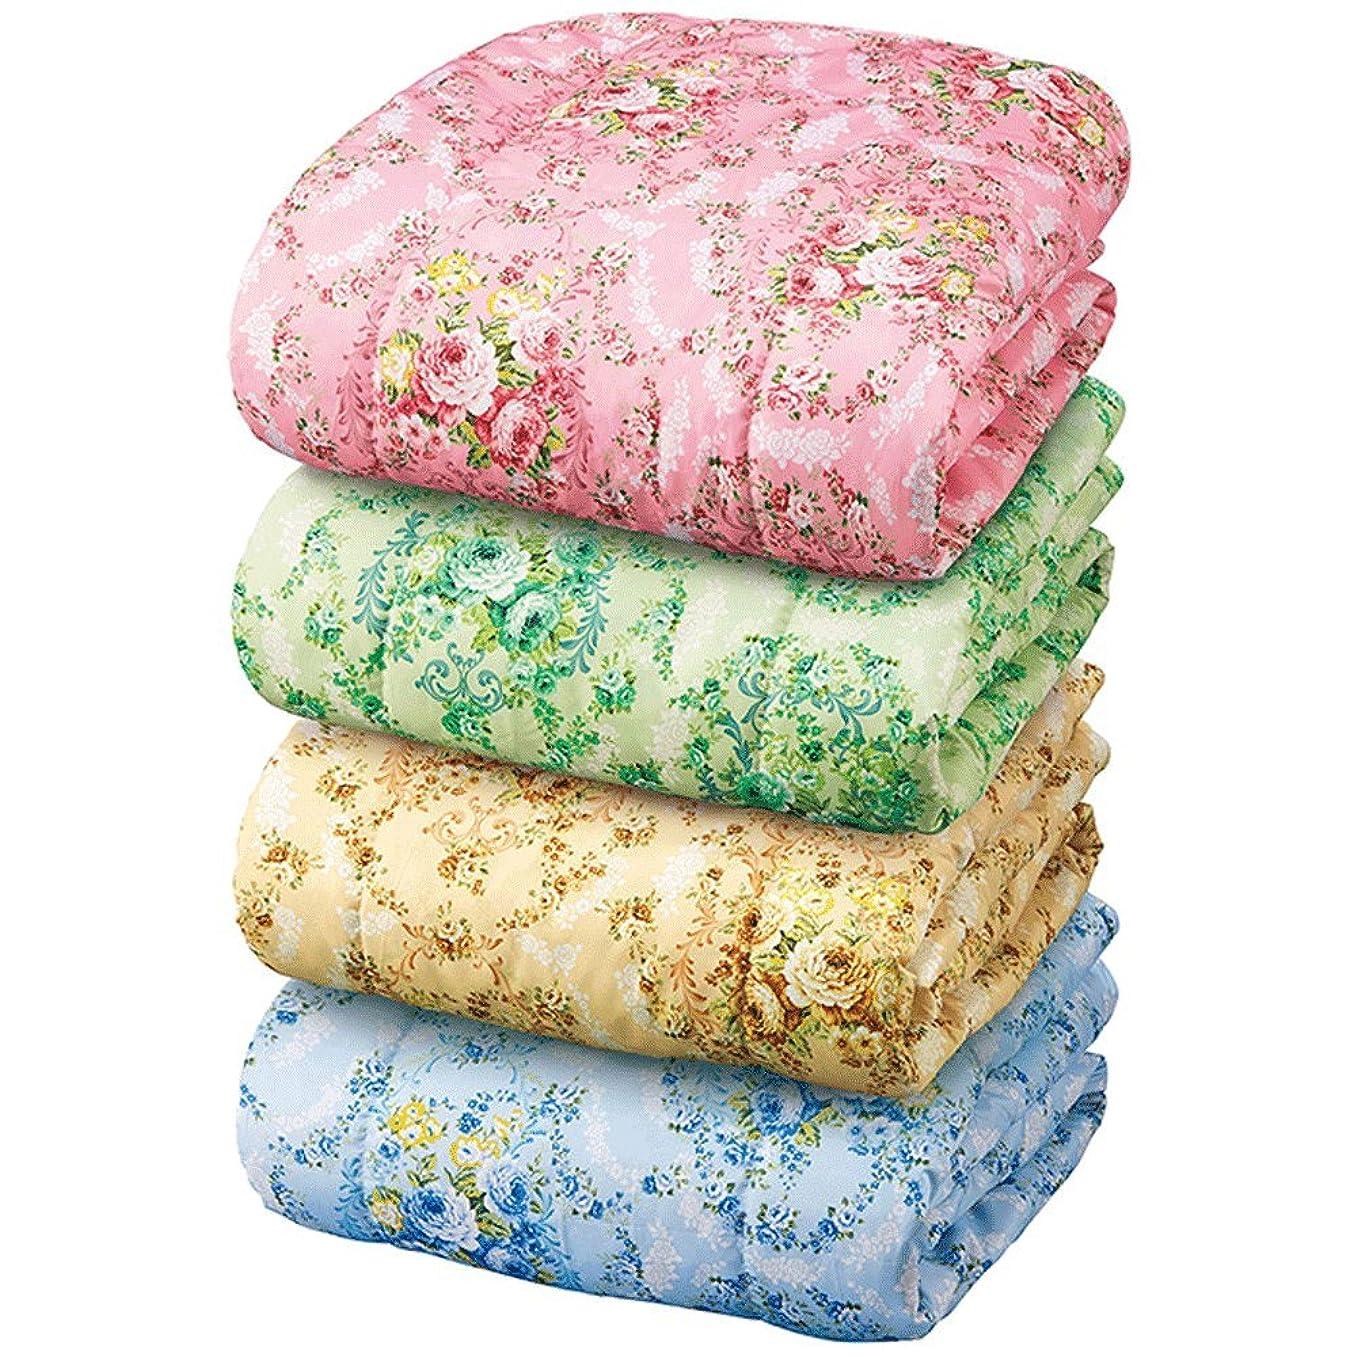 ピクニックをする学生まろやかな(ベルーナ)BELLUNA お買得! 洗える防ダニダウンケット シングル4色組